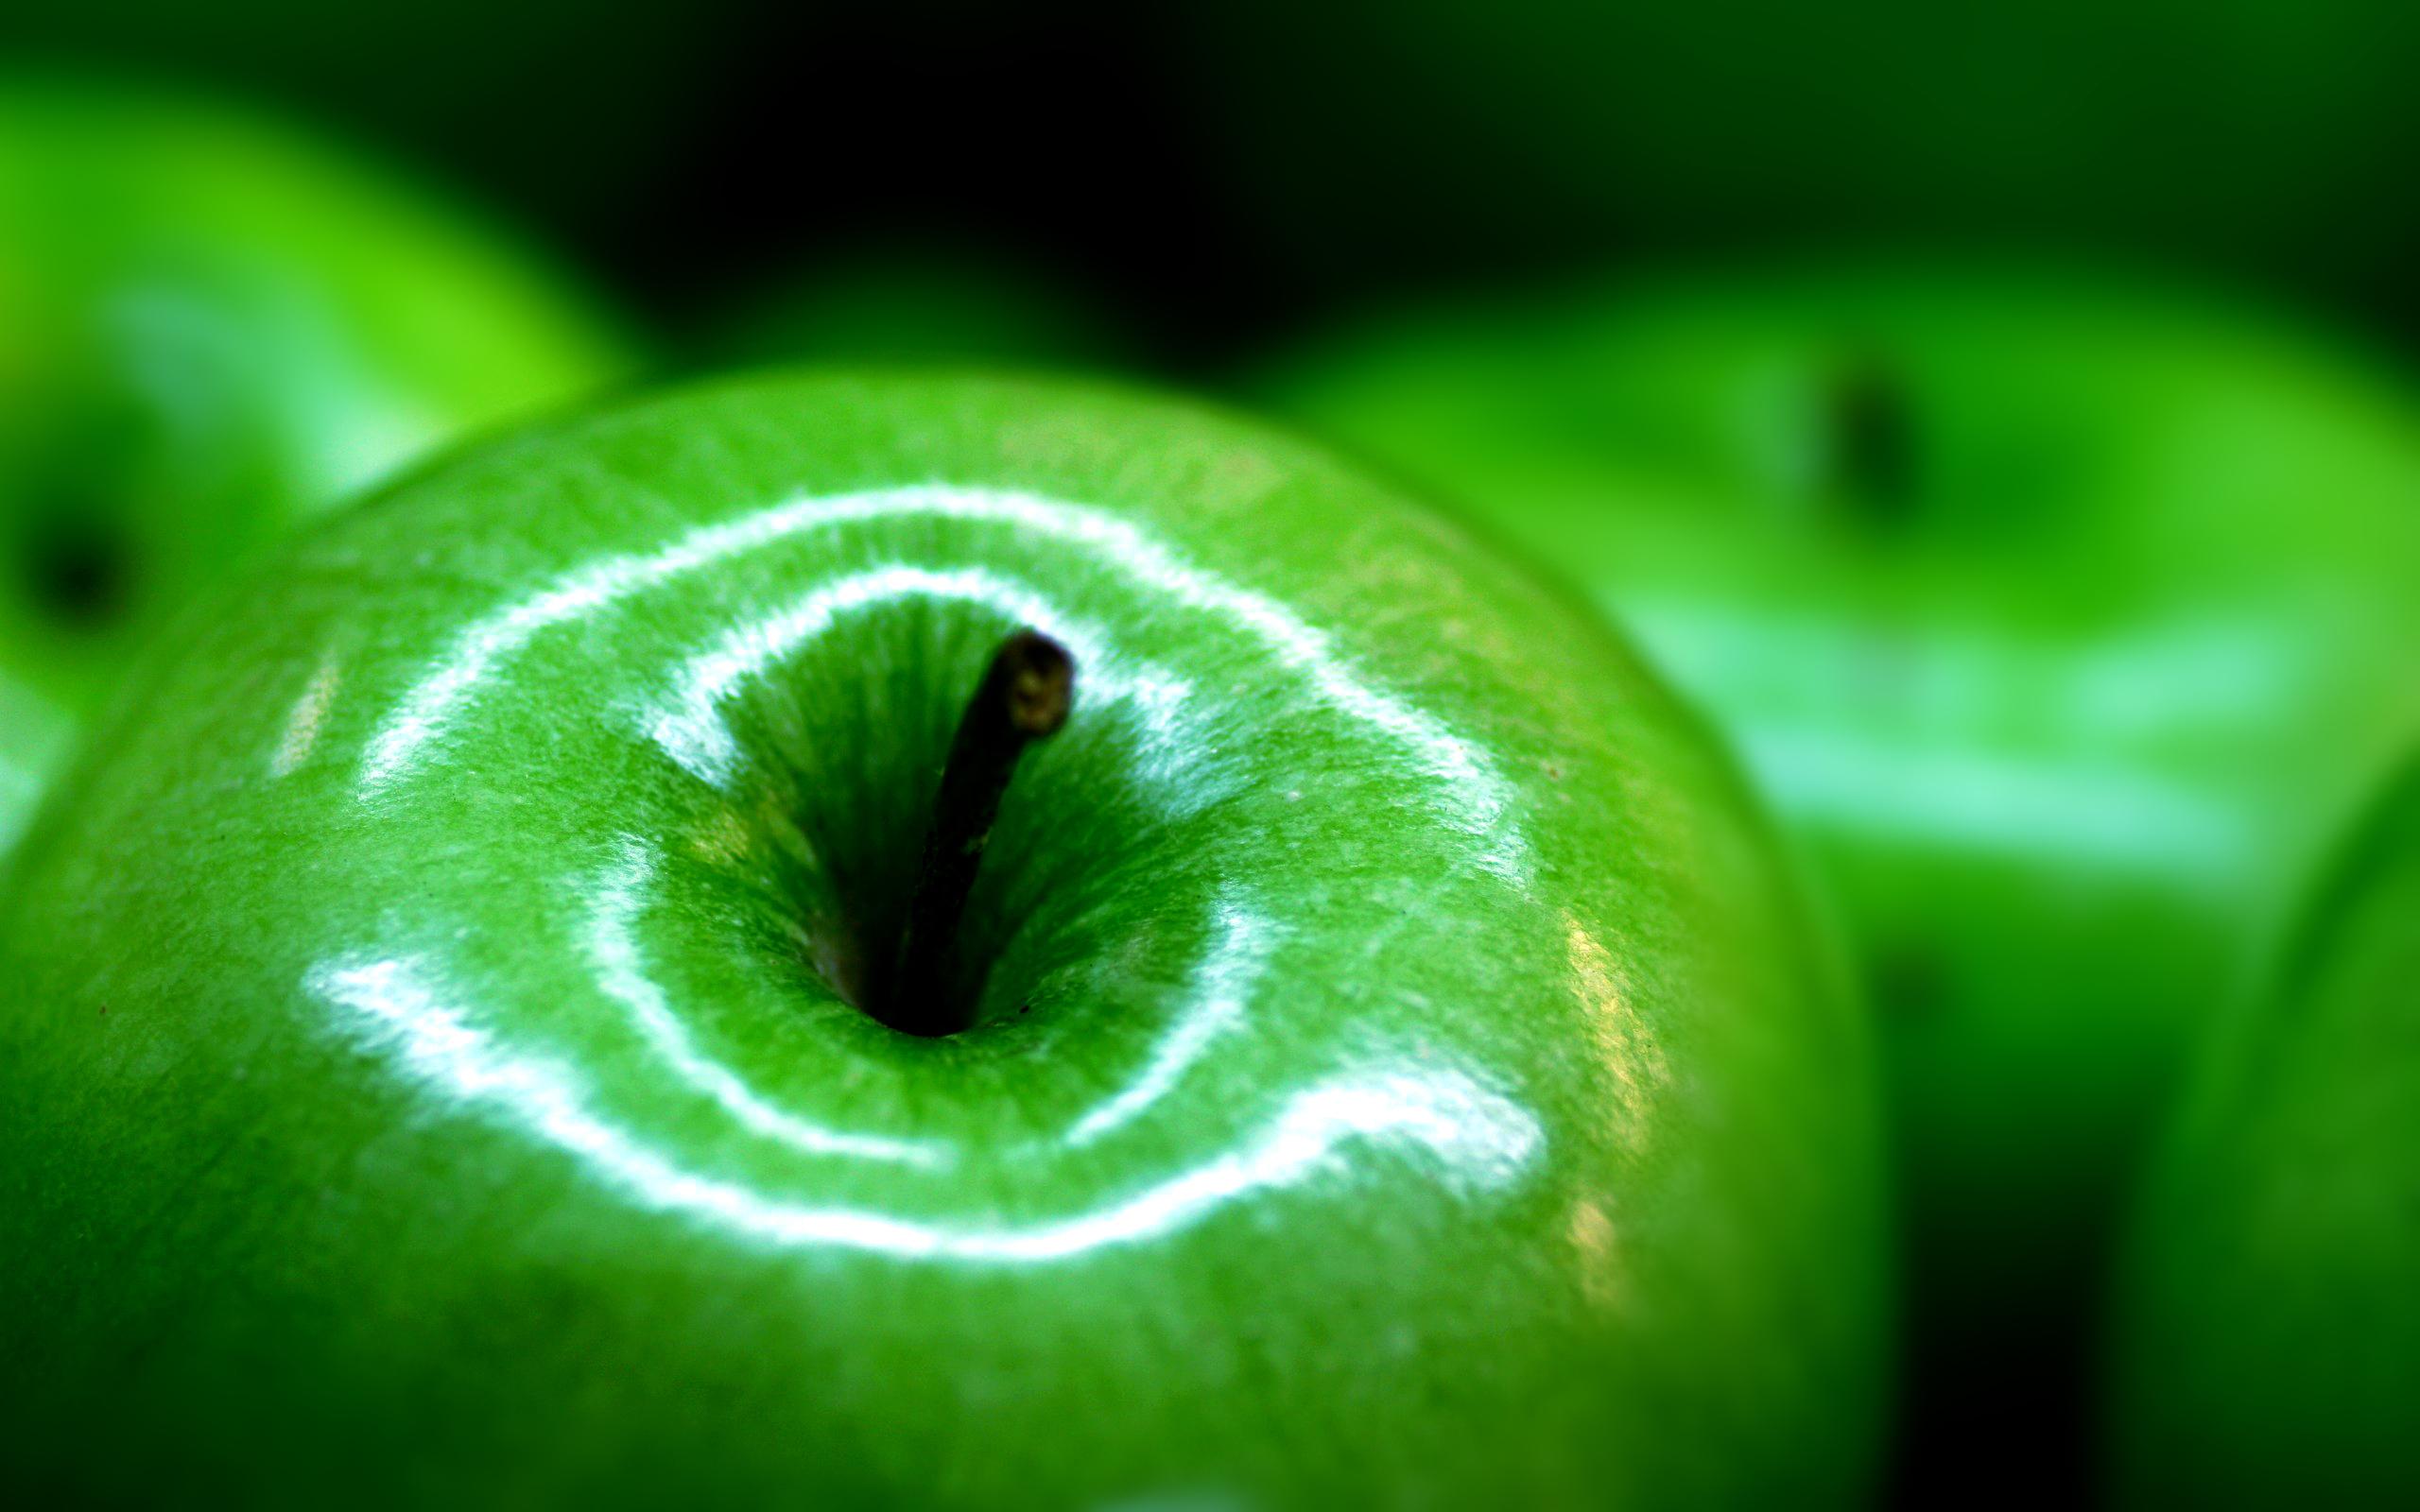 получил картинки на рабочий стол с зеленым цветом видом деятельности является